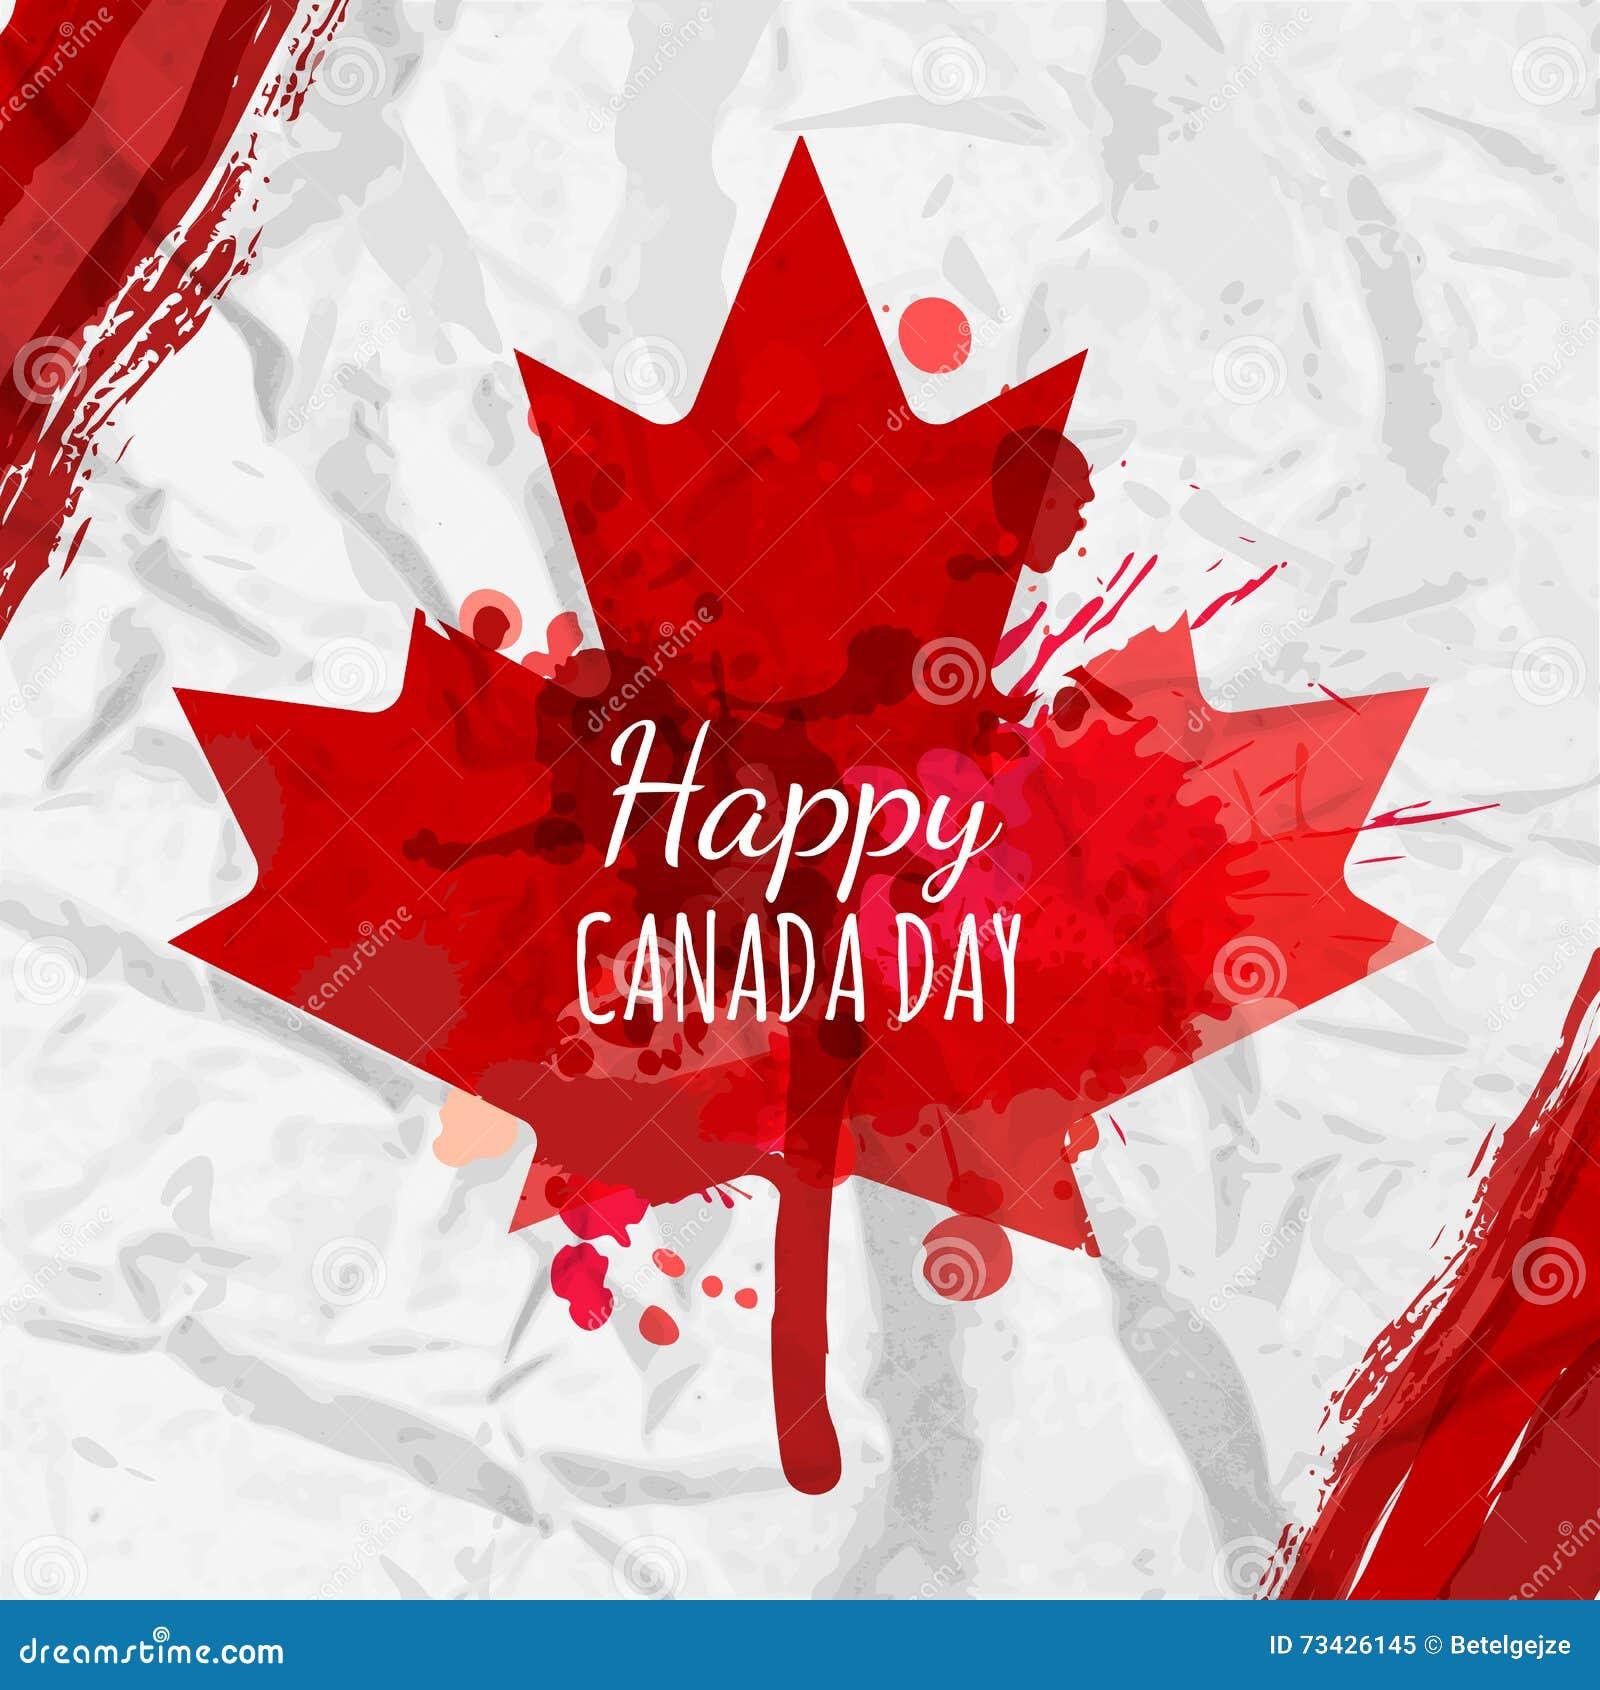 Cartel del día de fiesta con la hoja de arce roja de Canadá dibujada en el Libro Blanco arrugado